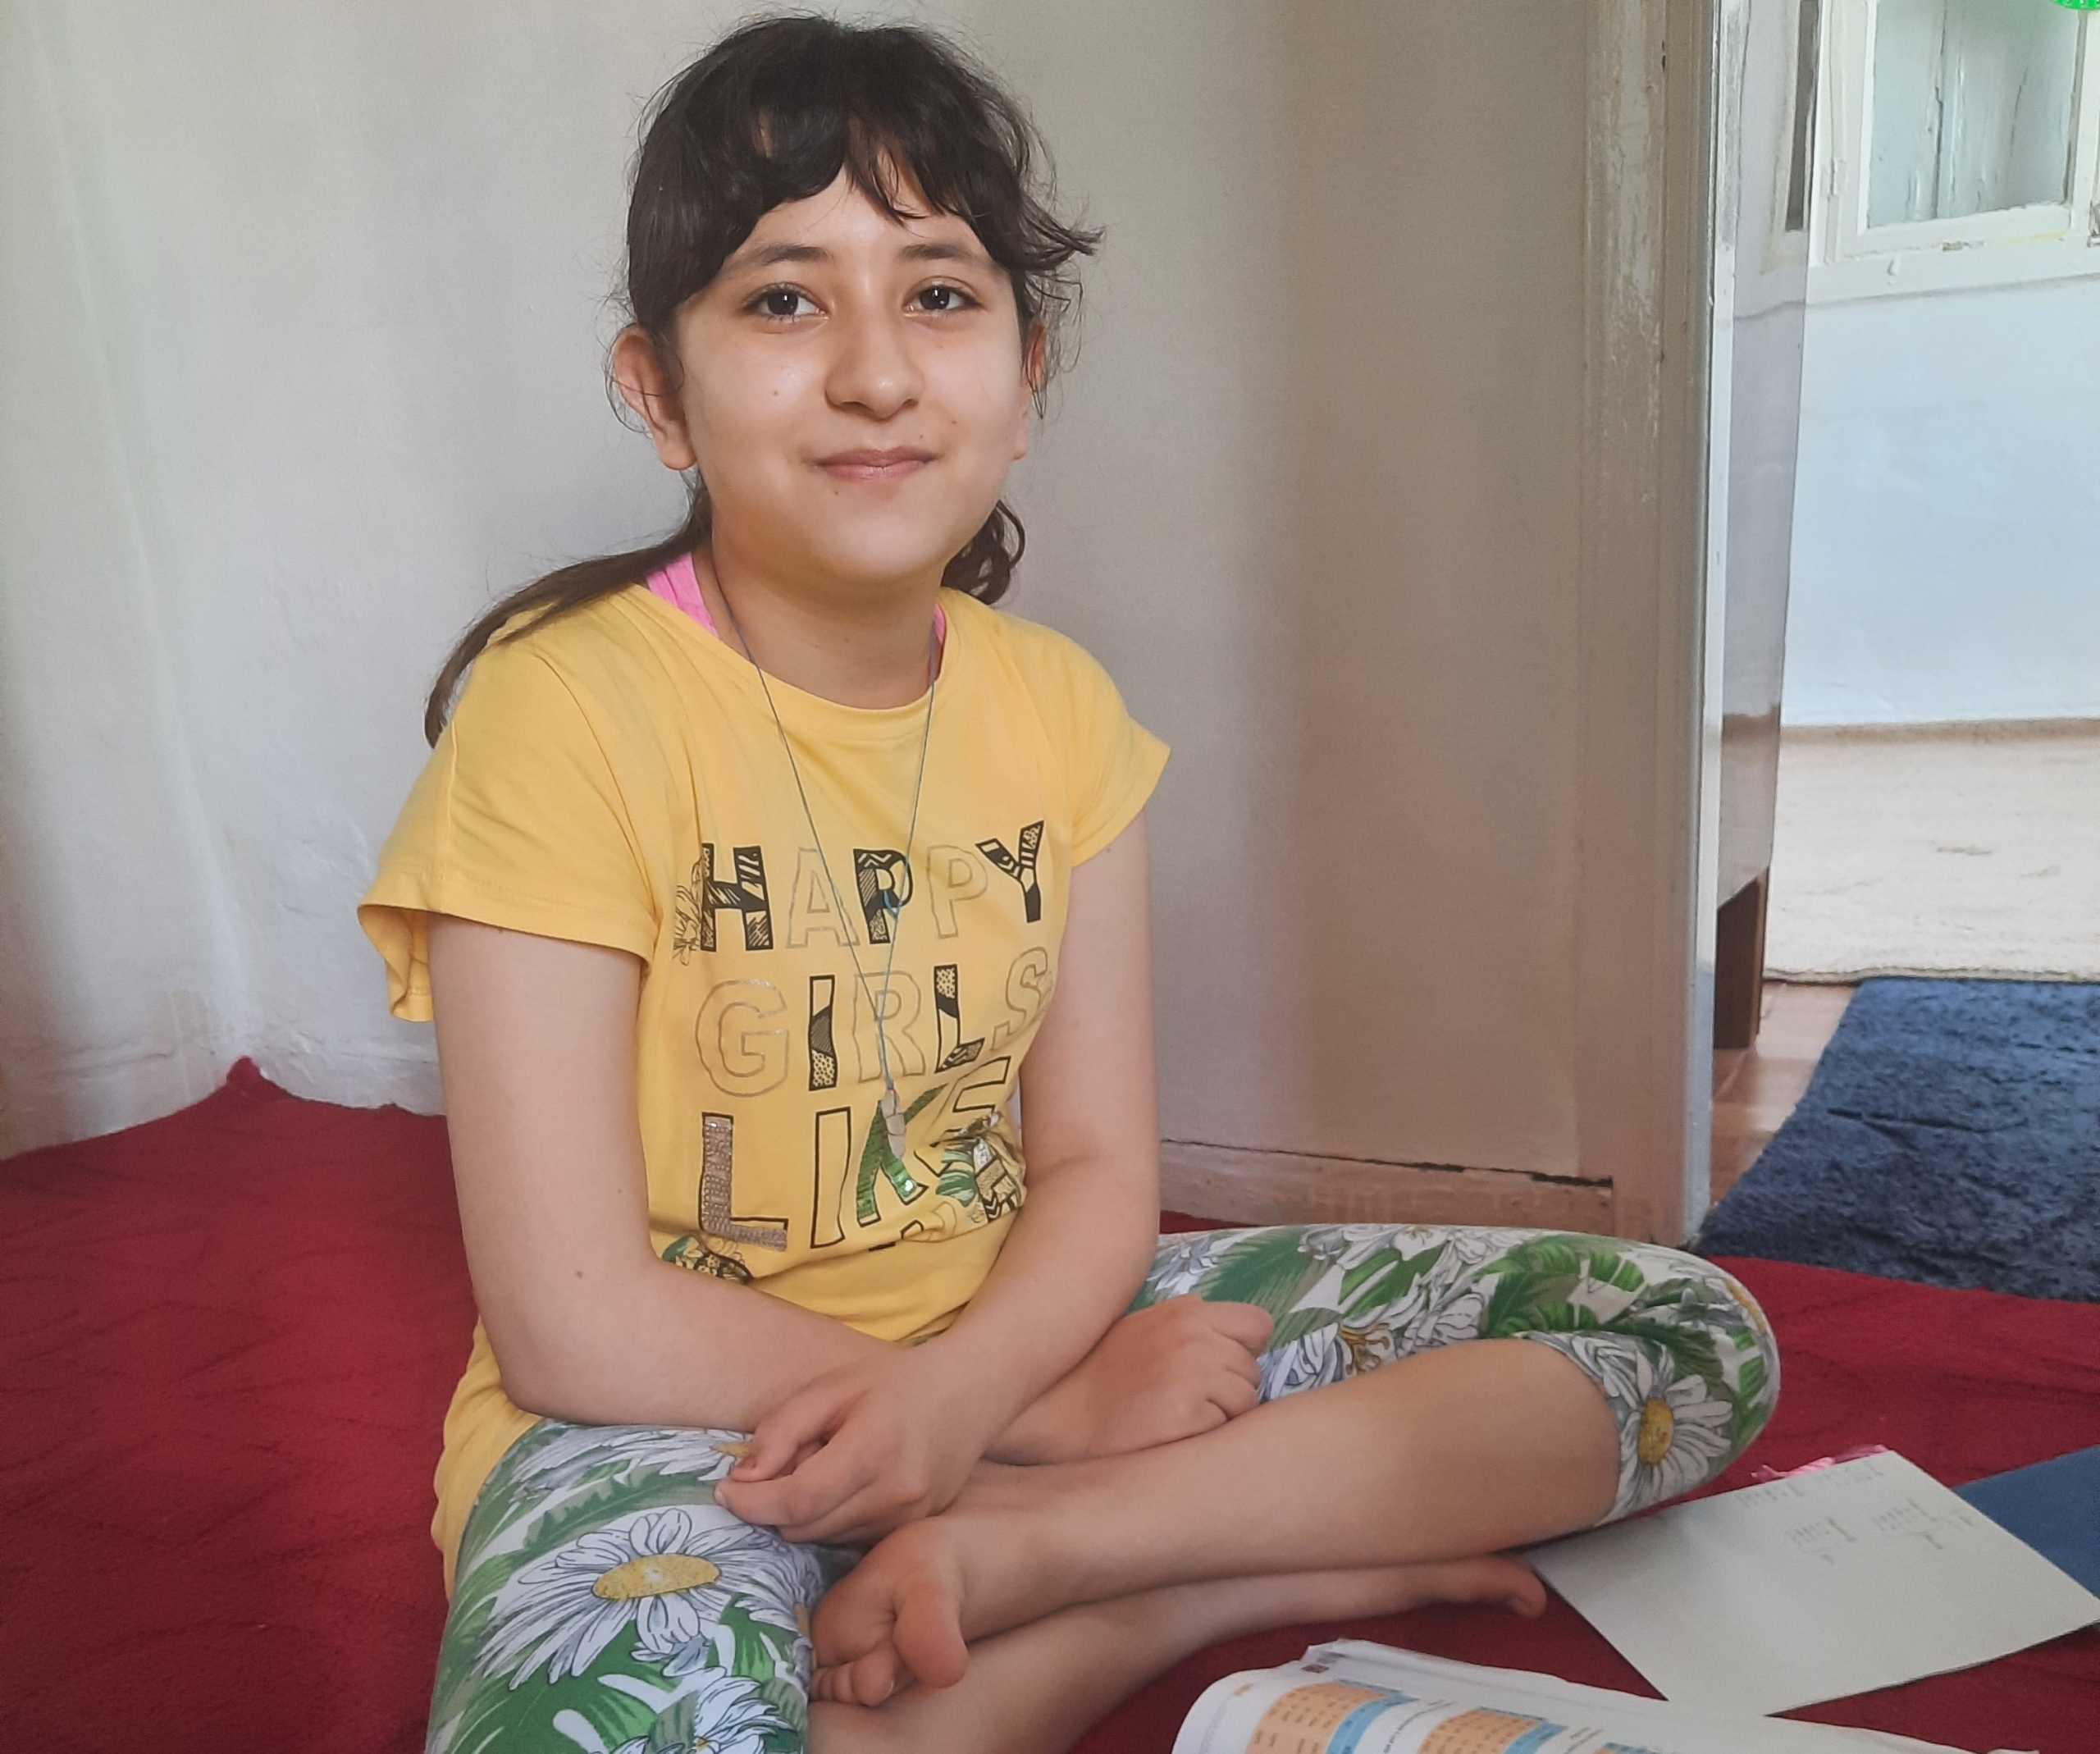 Λέσβος: Η 12χρονη προσφυγοπούλα που πήρε υποτροφία για τη Βοστόνη